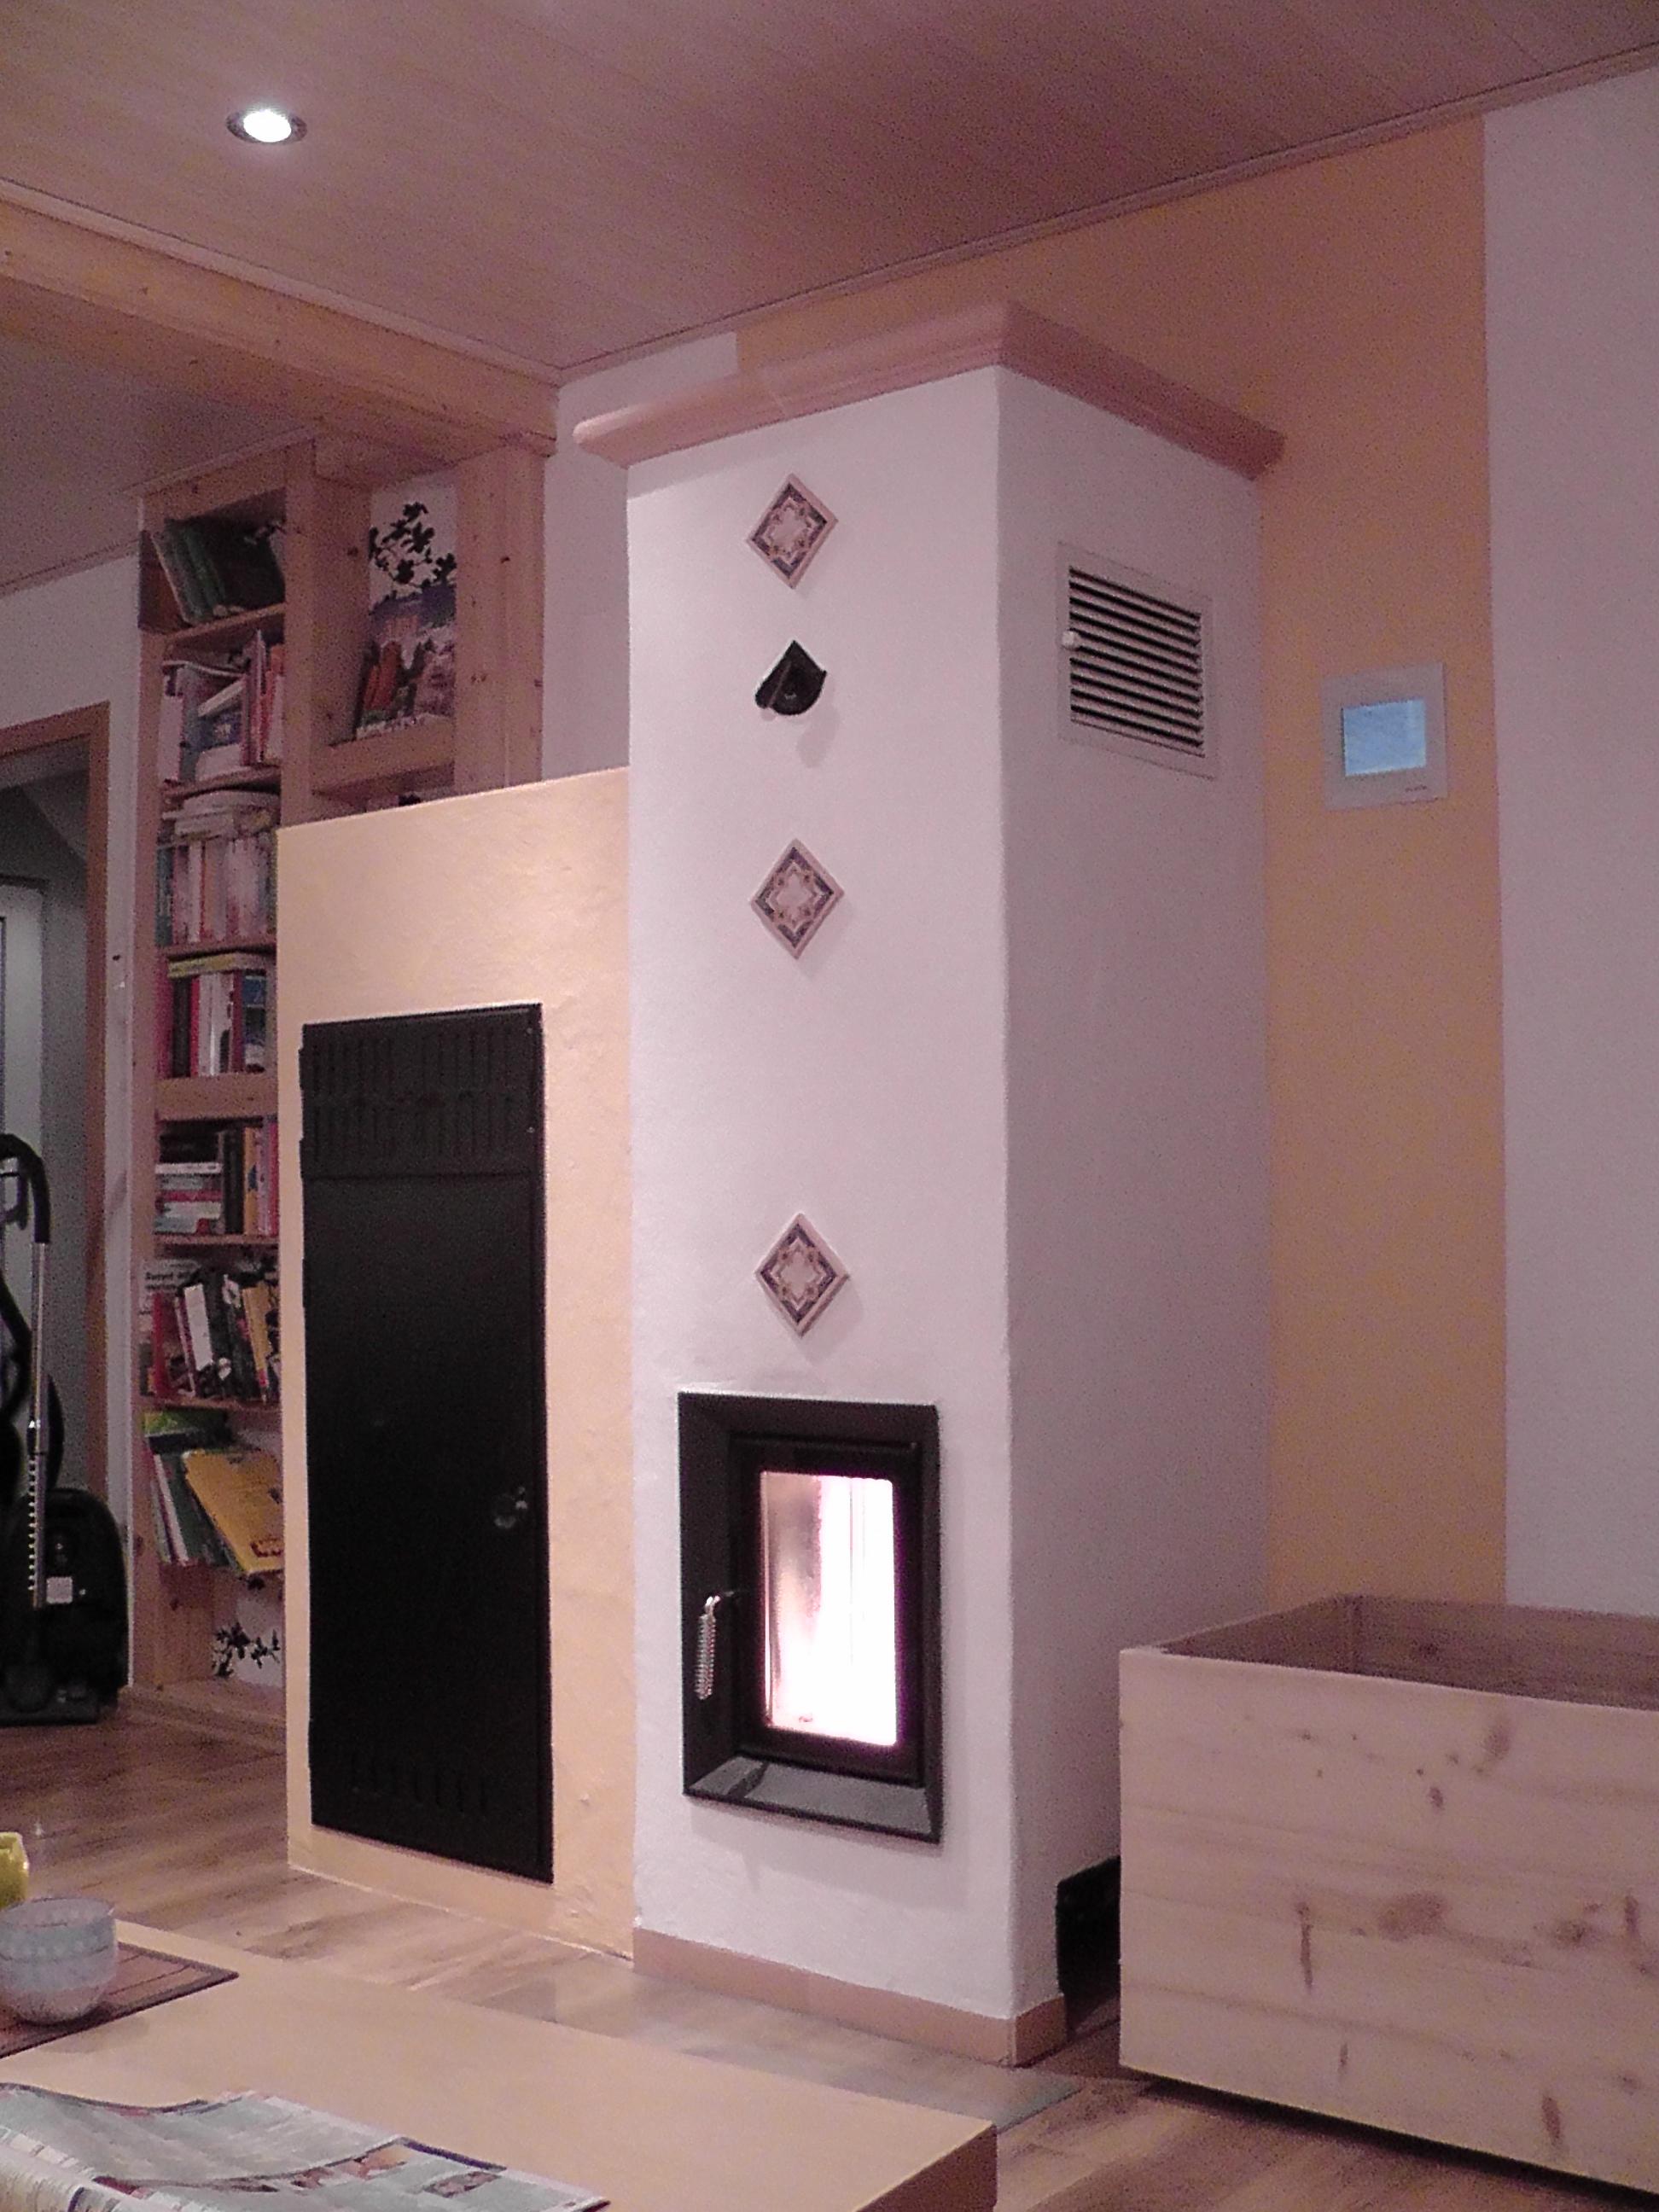 Kompakter Zentralheizungsofen (HKD 6 mit ModulAufsatzSpeicher und Pelletmodul + EOS) mit Warmluftschächten in einem alten Haus; 2012/2013